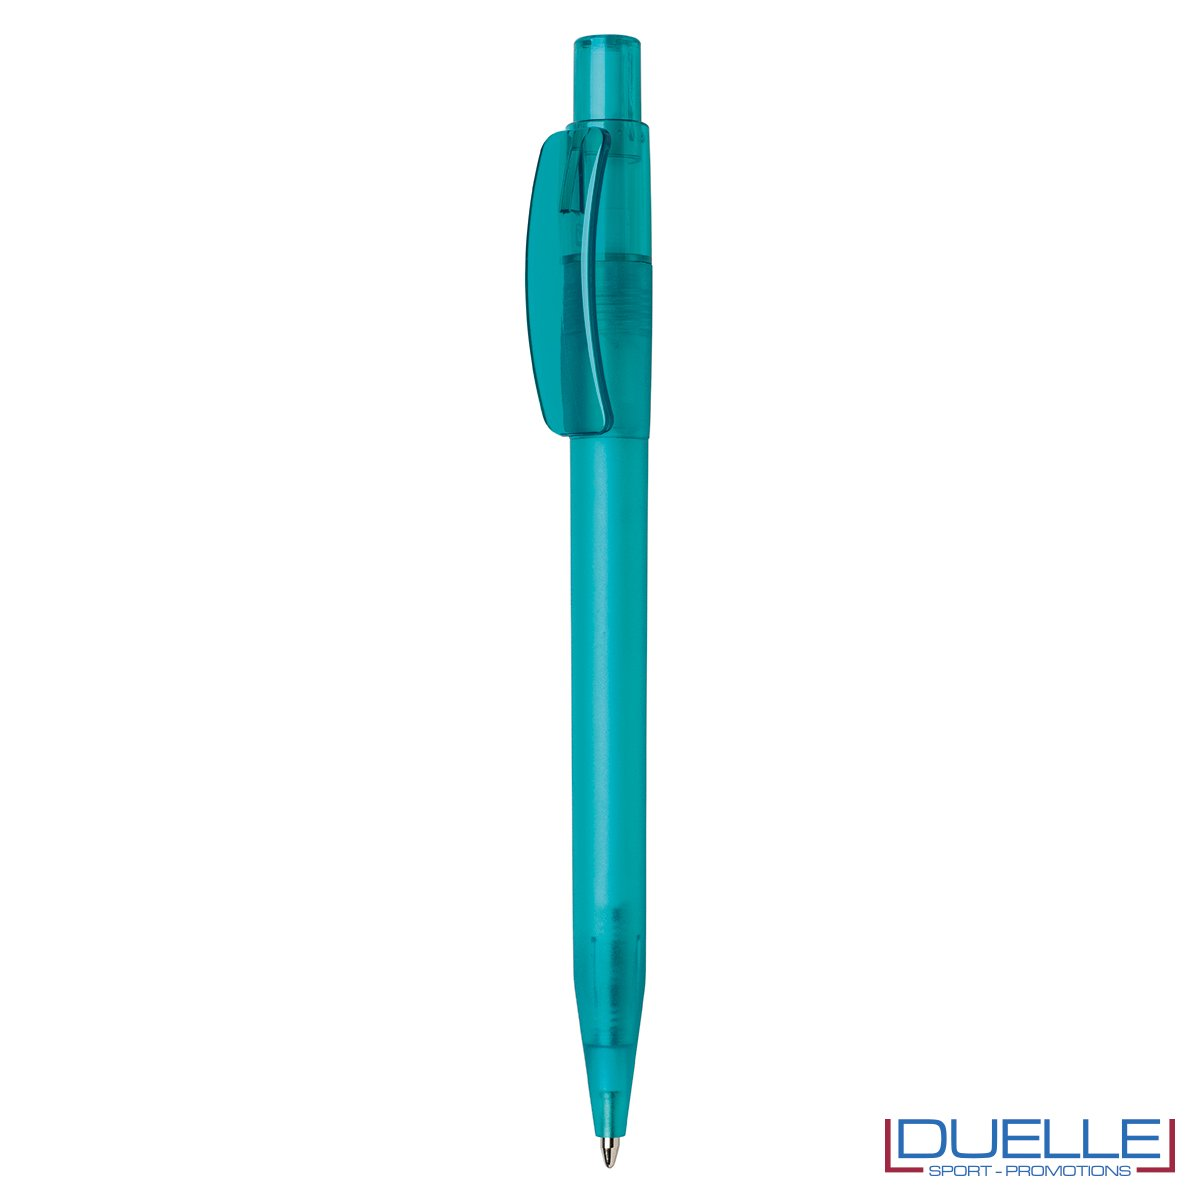 Penna Made in Italy personalizzata acquamarina effetto frost, gadget aziendali, penne personalizzate, gadget personalizzati, articoli promozionali